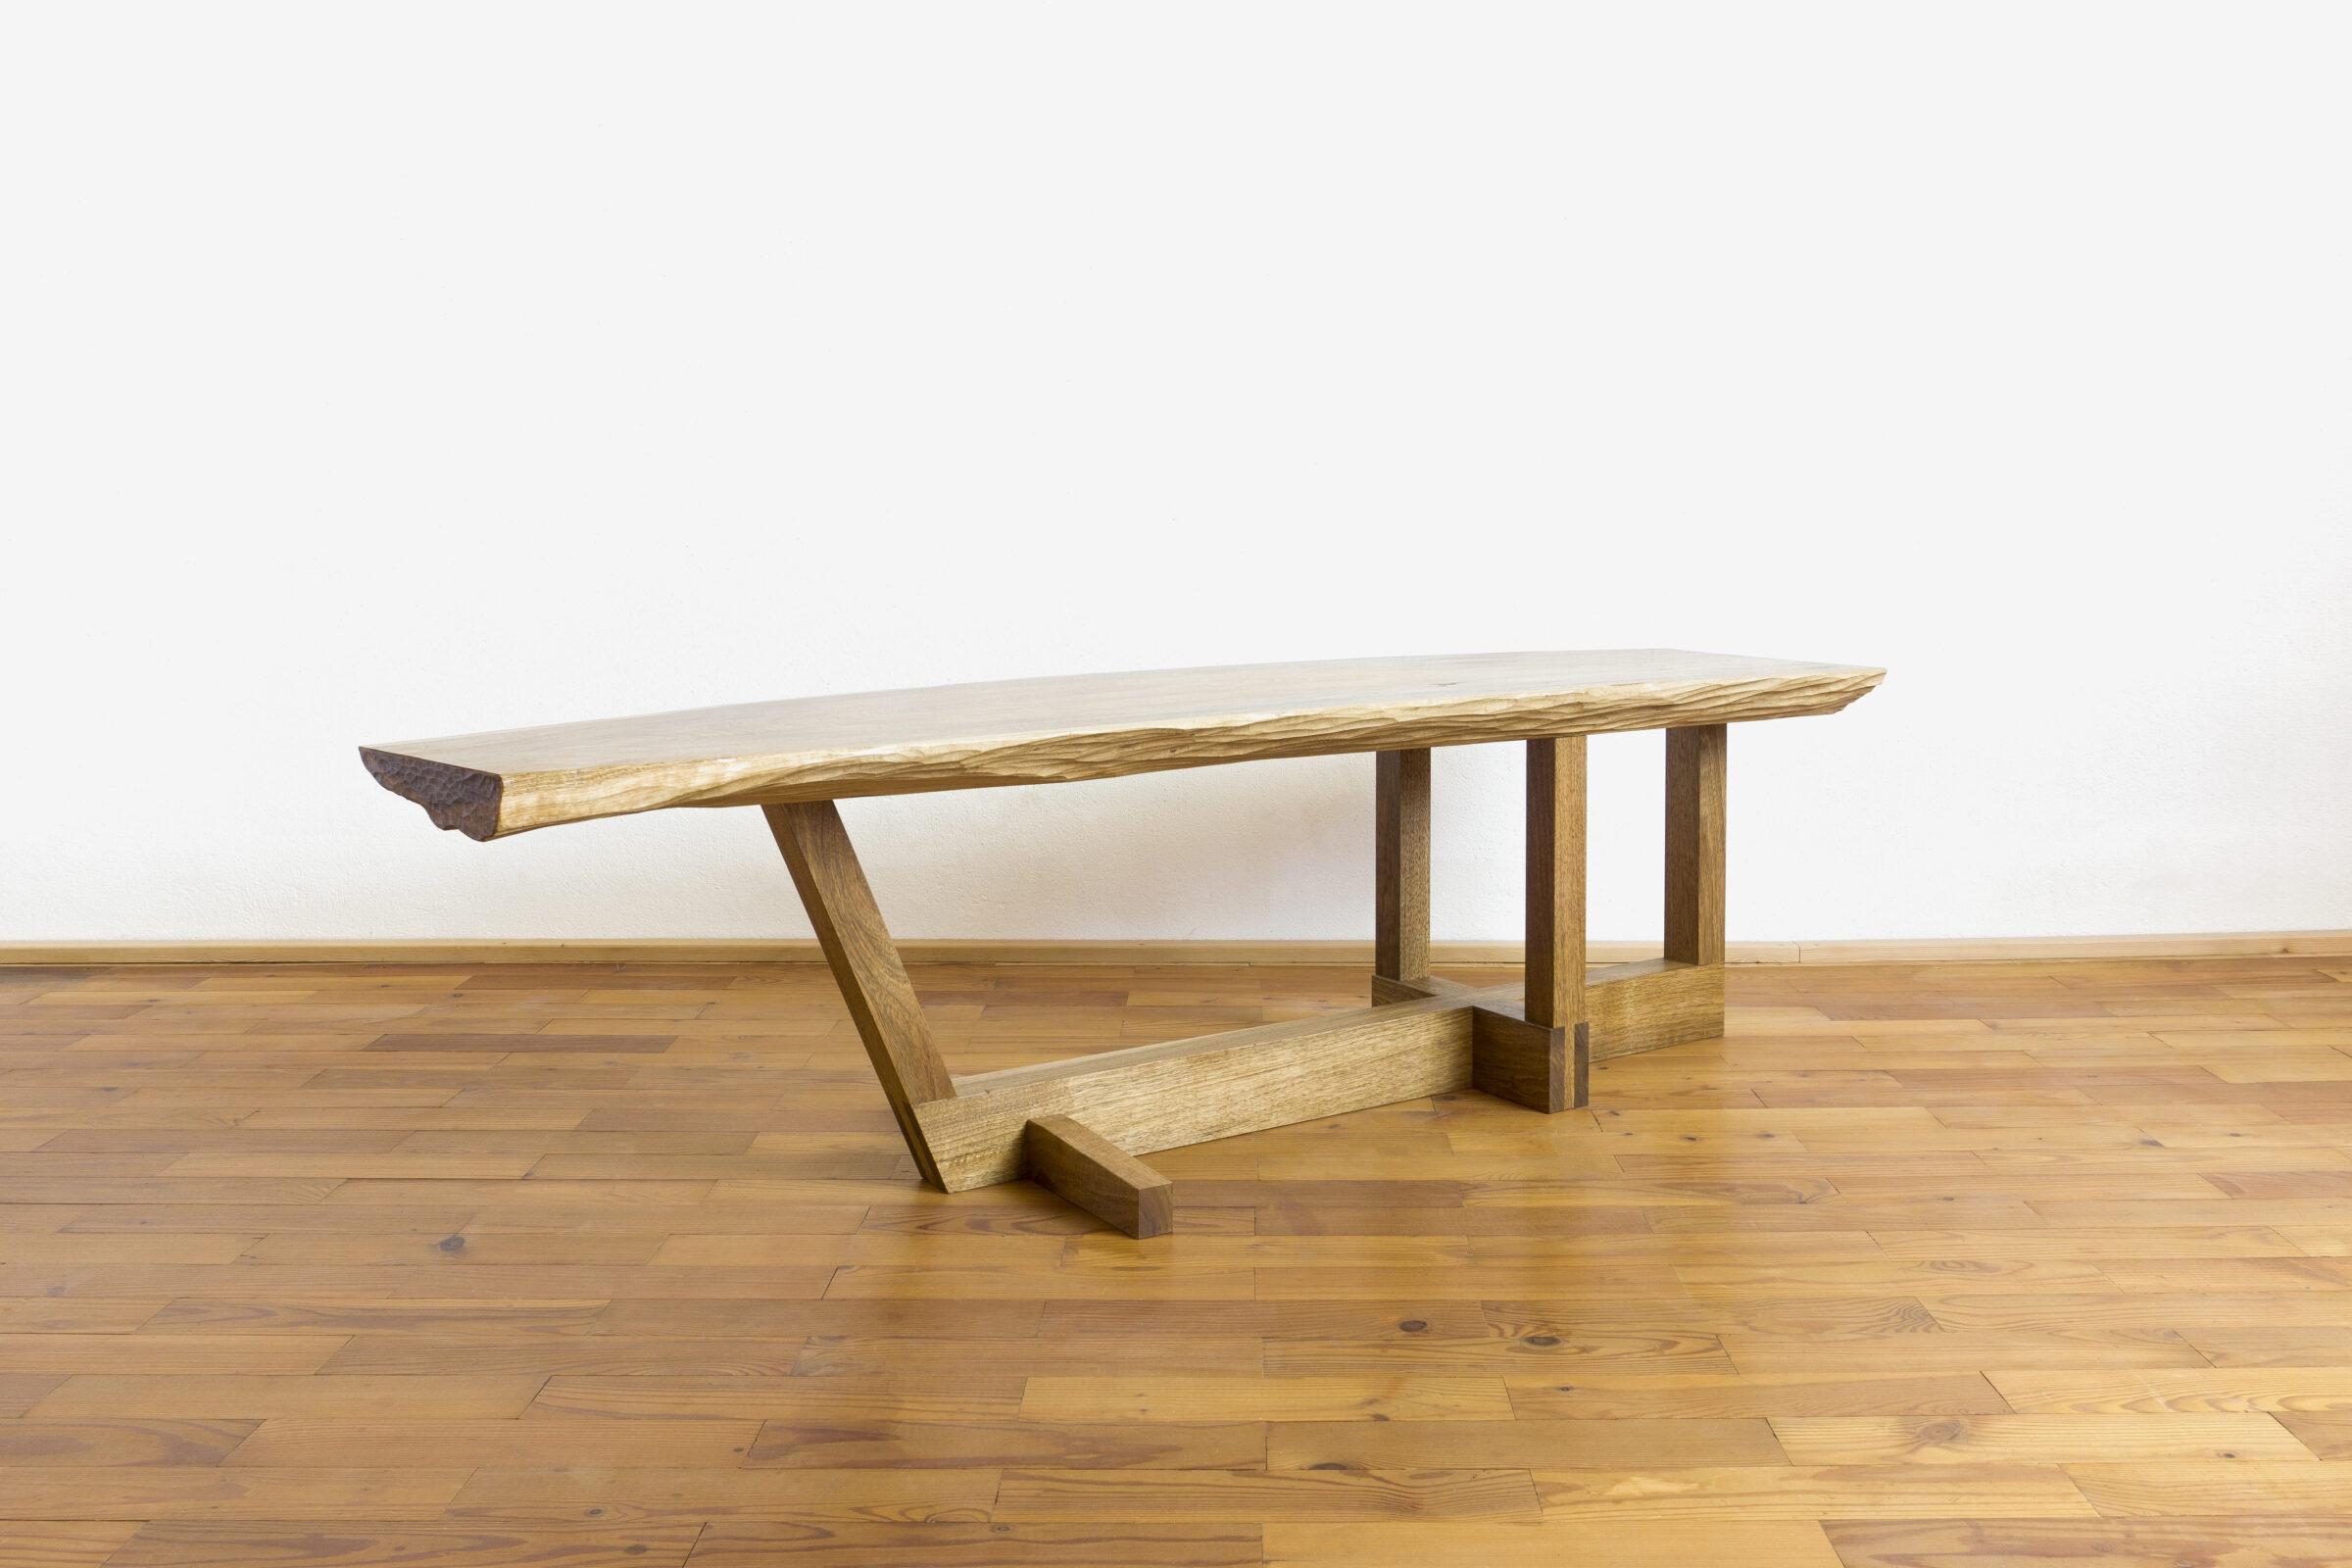 Beistelltisch, Massivholzmöbel handgemacht, Hochwertige Möbel aus Massivholz, Holzoberflächen handgehobelt, Einzelmöbelstücke, The Trees of Life